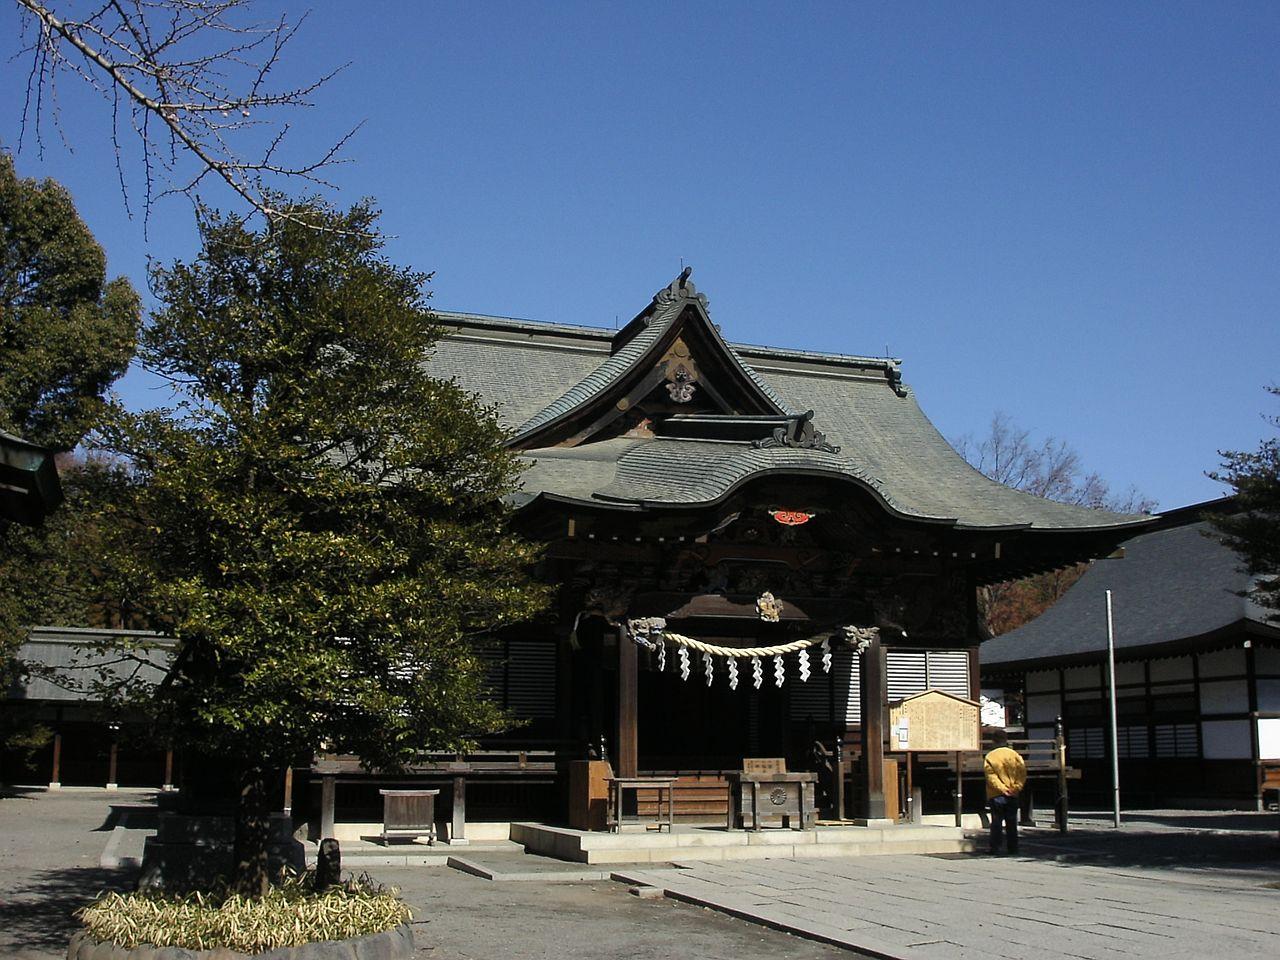 [御祭神がアメノミナカヌシノカミ]初詣で人気の神社のキャプチャー